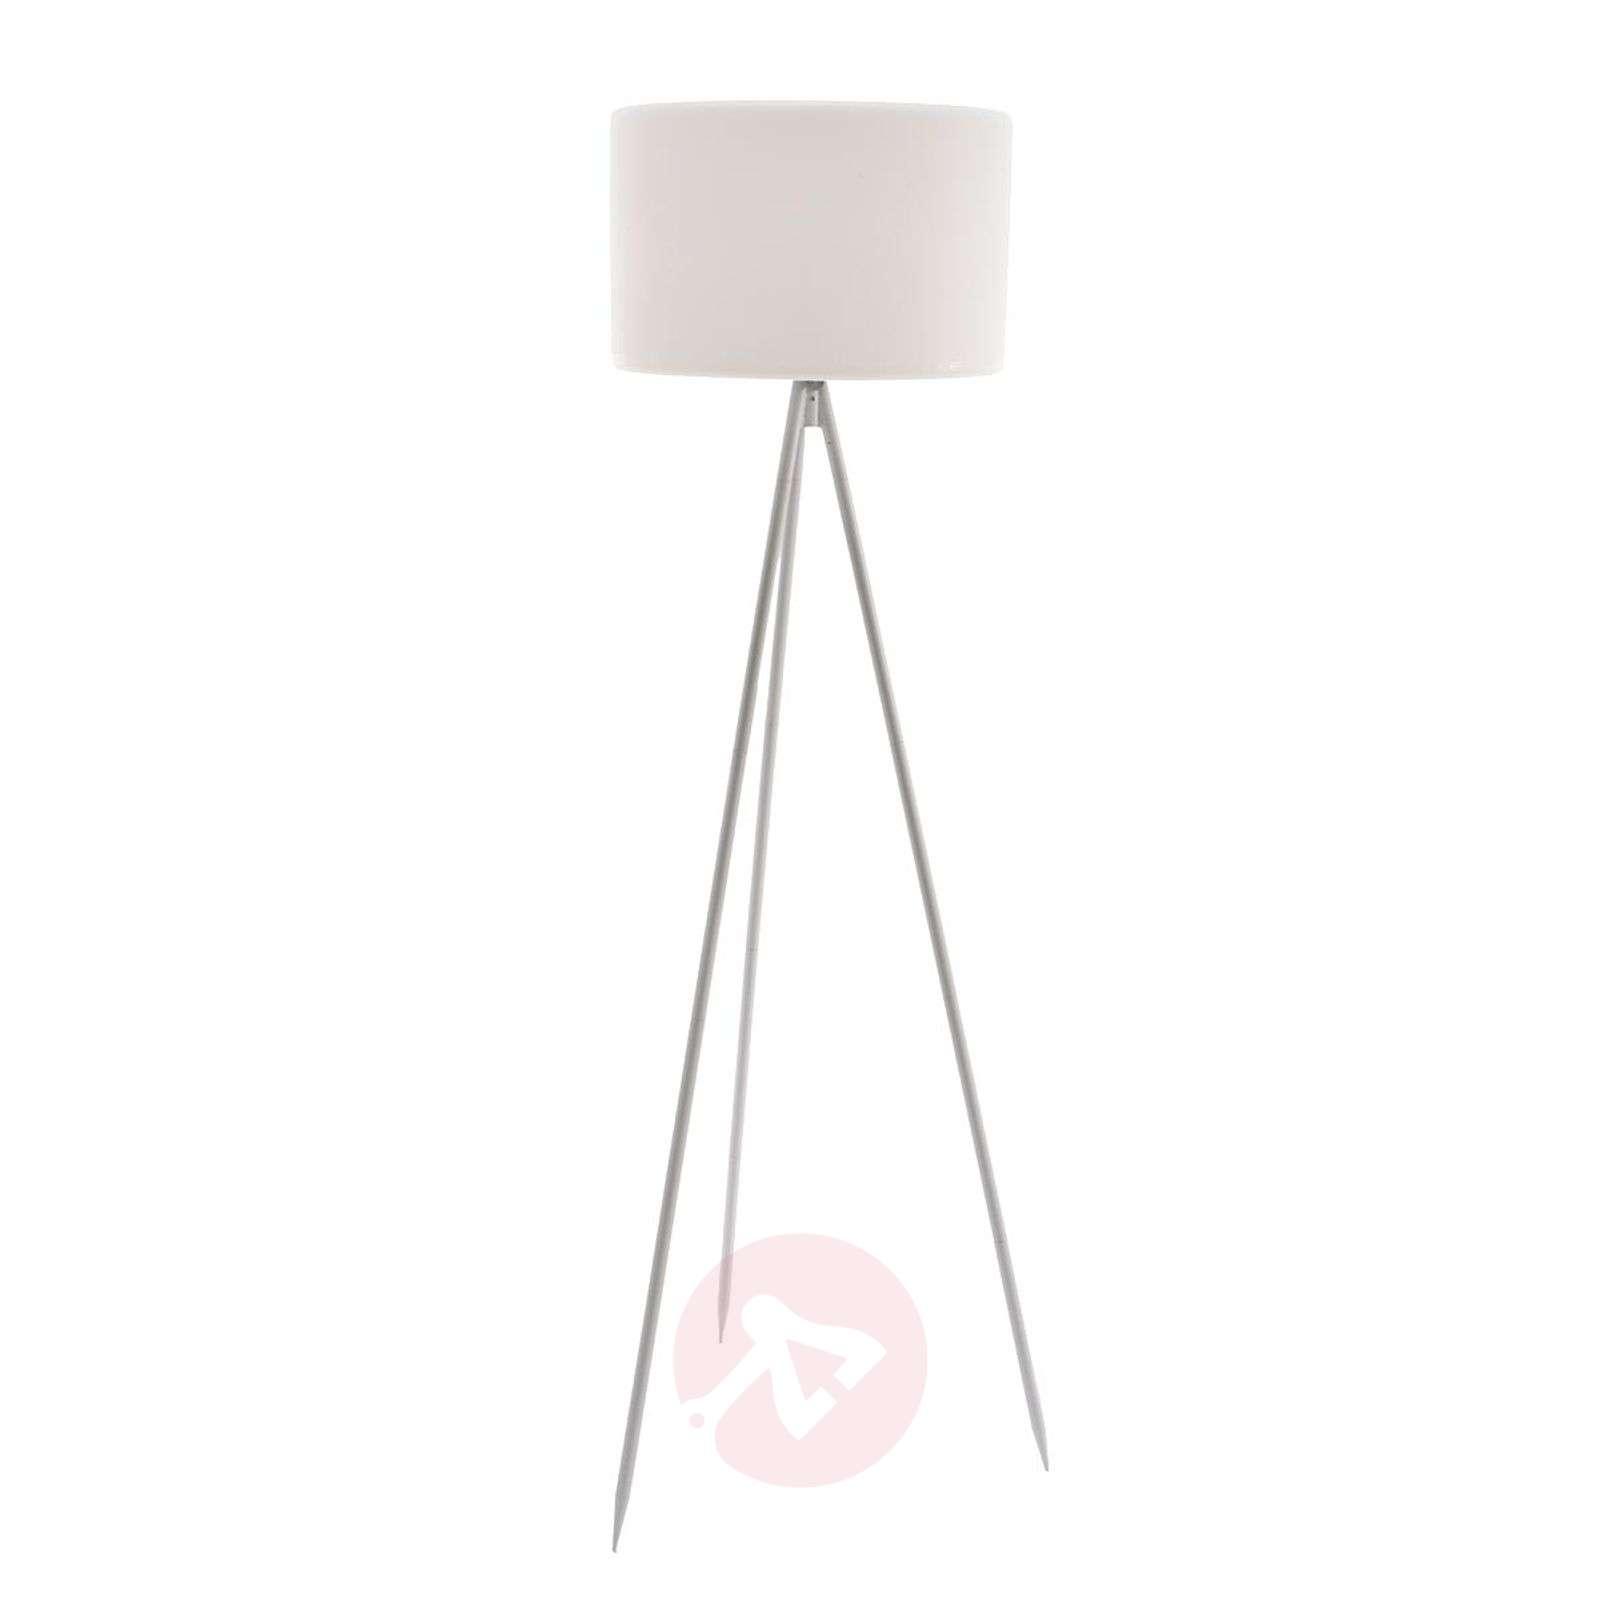 valkoinen runko, lieriövarjostin: Nerea-lattiavalo-5527145-01